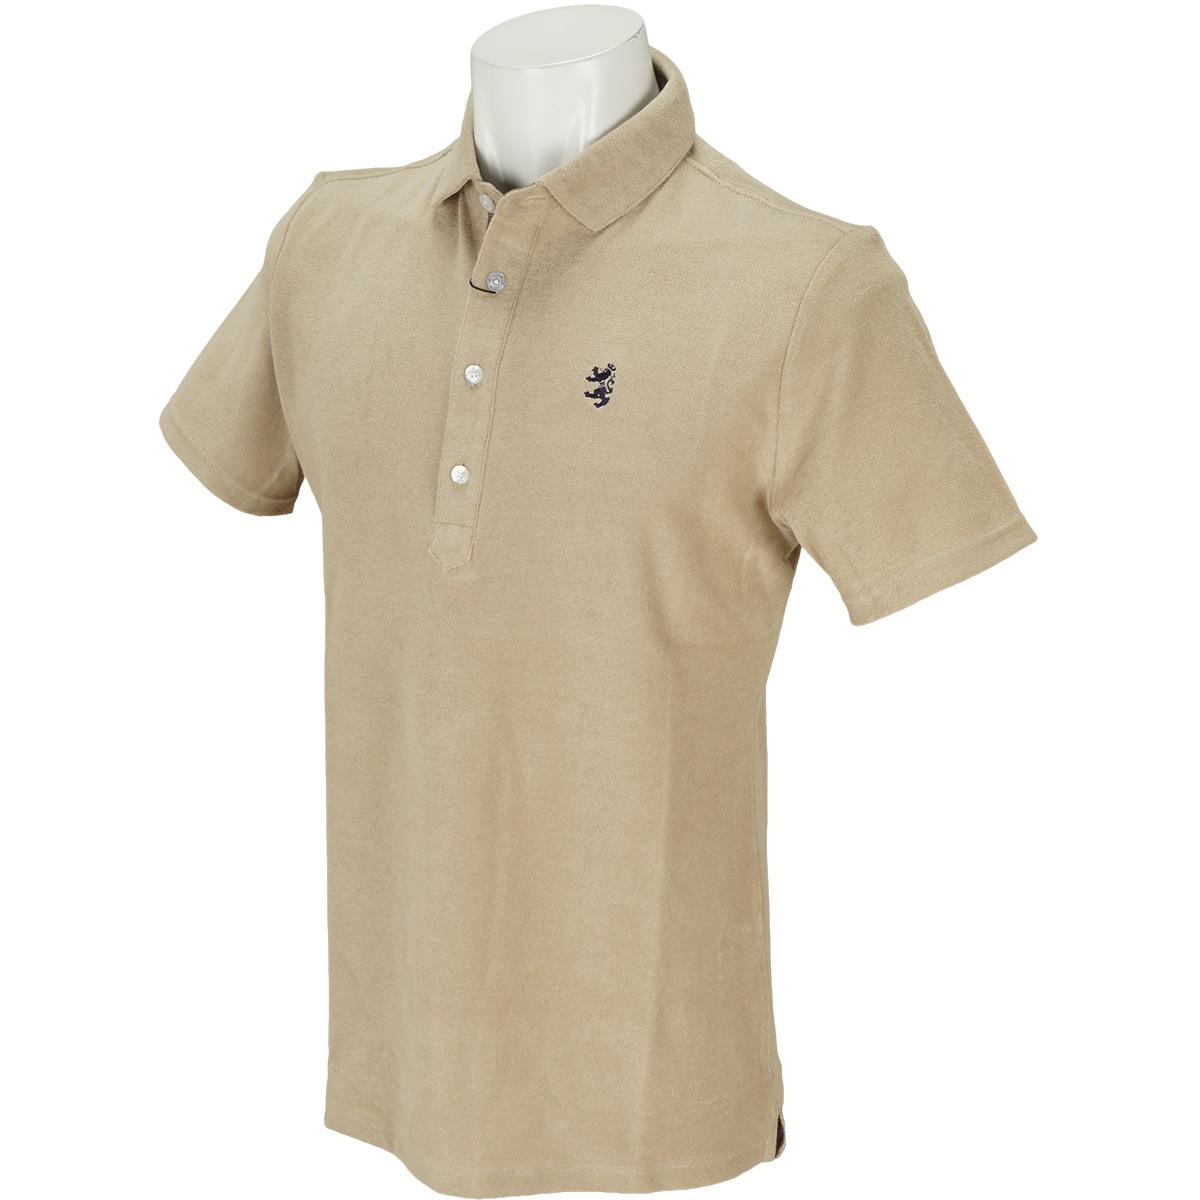 GDO限定 パイル半袖ポロシャツ